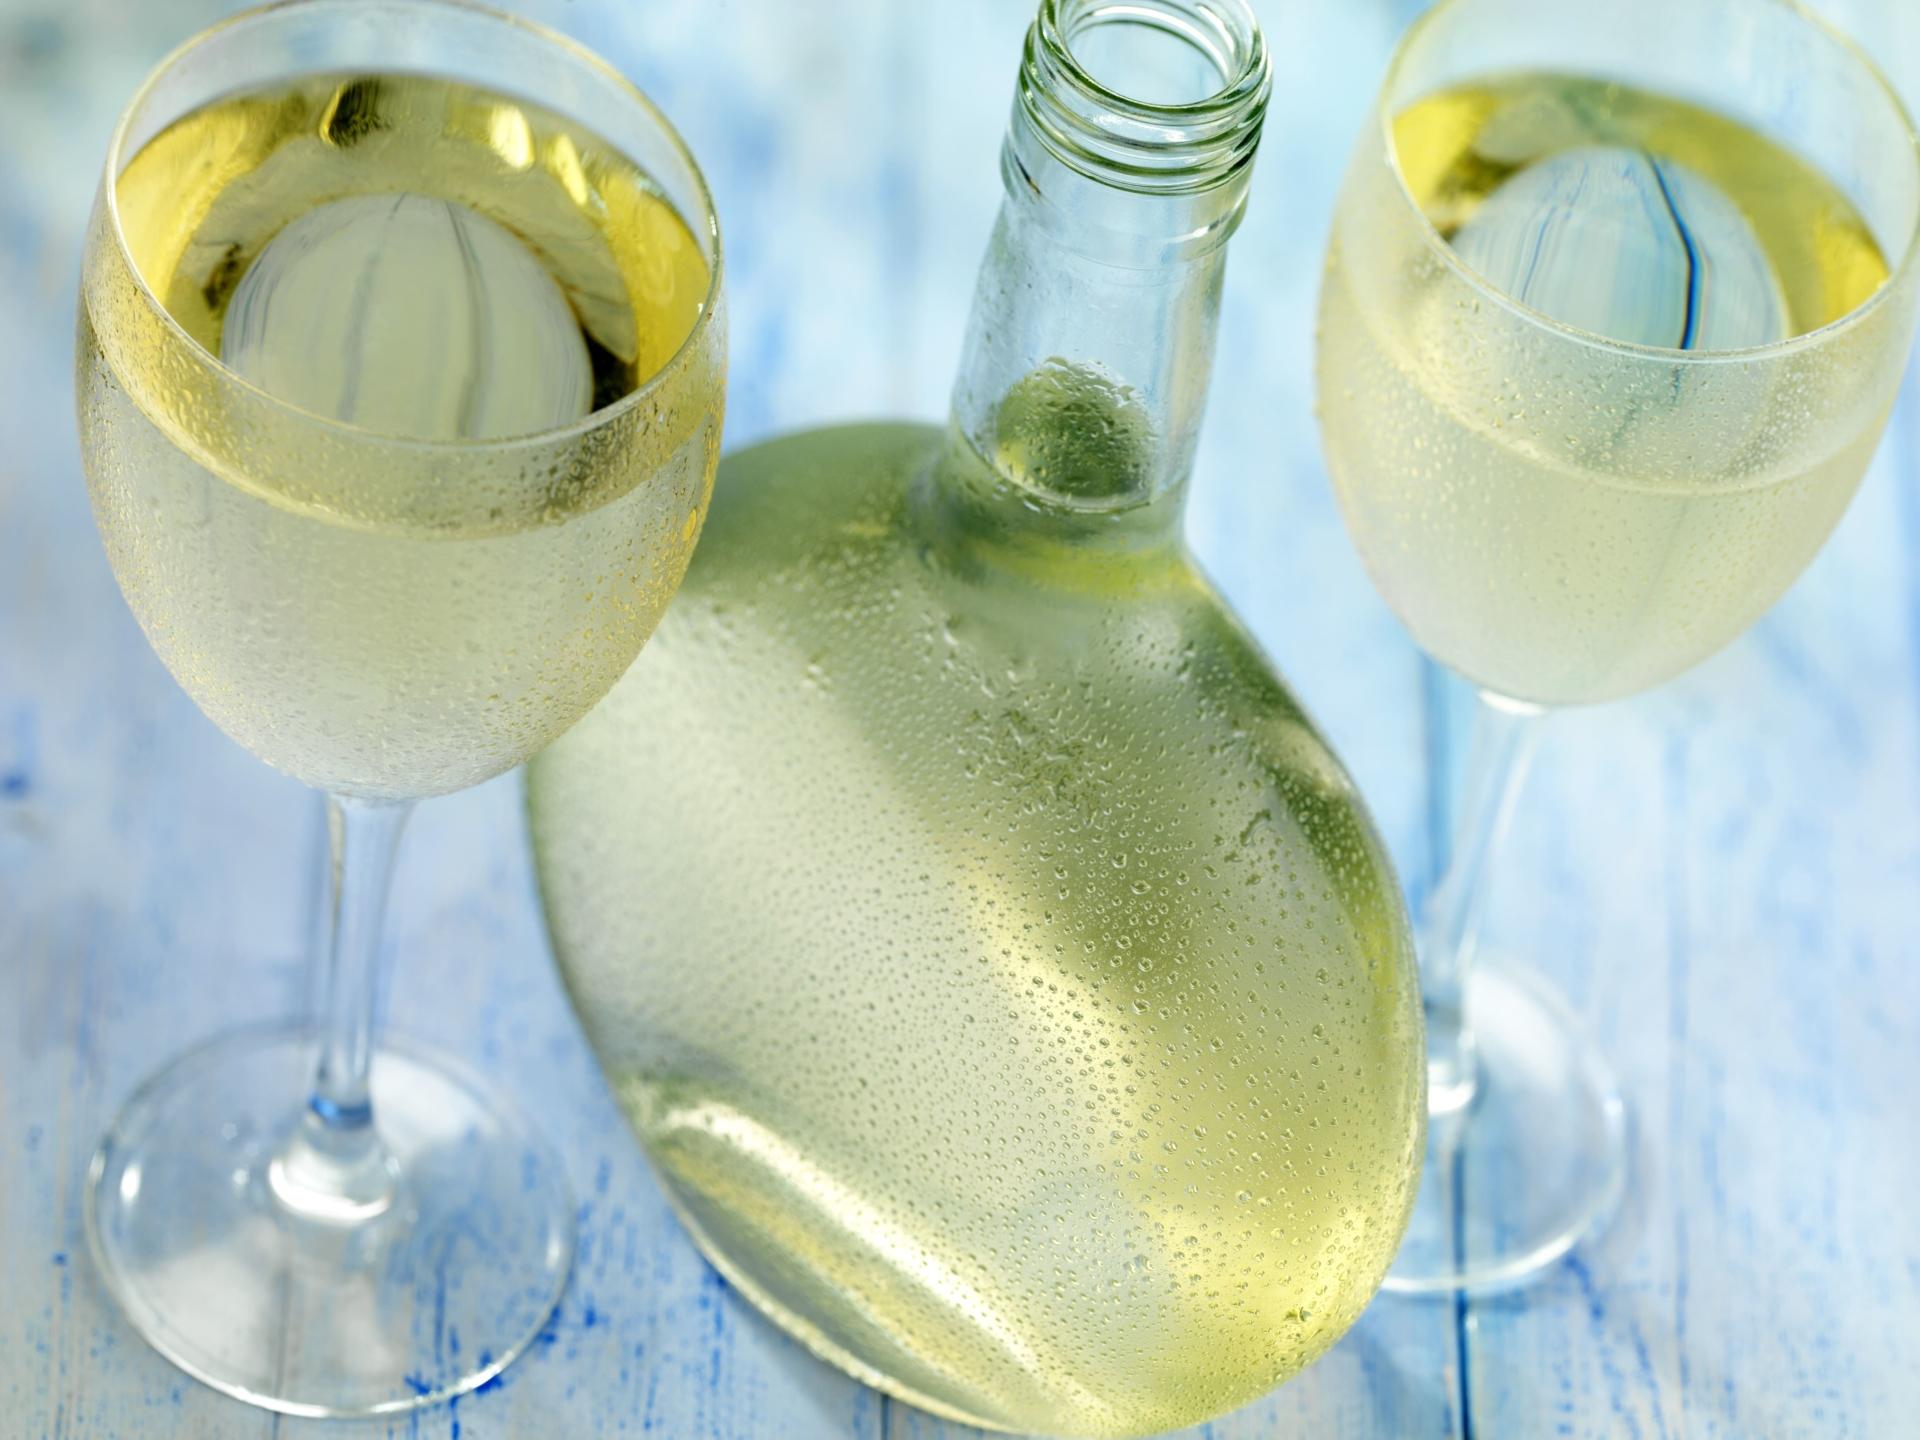 Vinho verde du Portugal